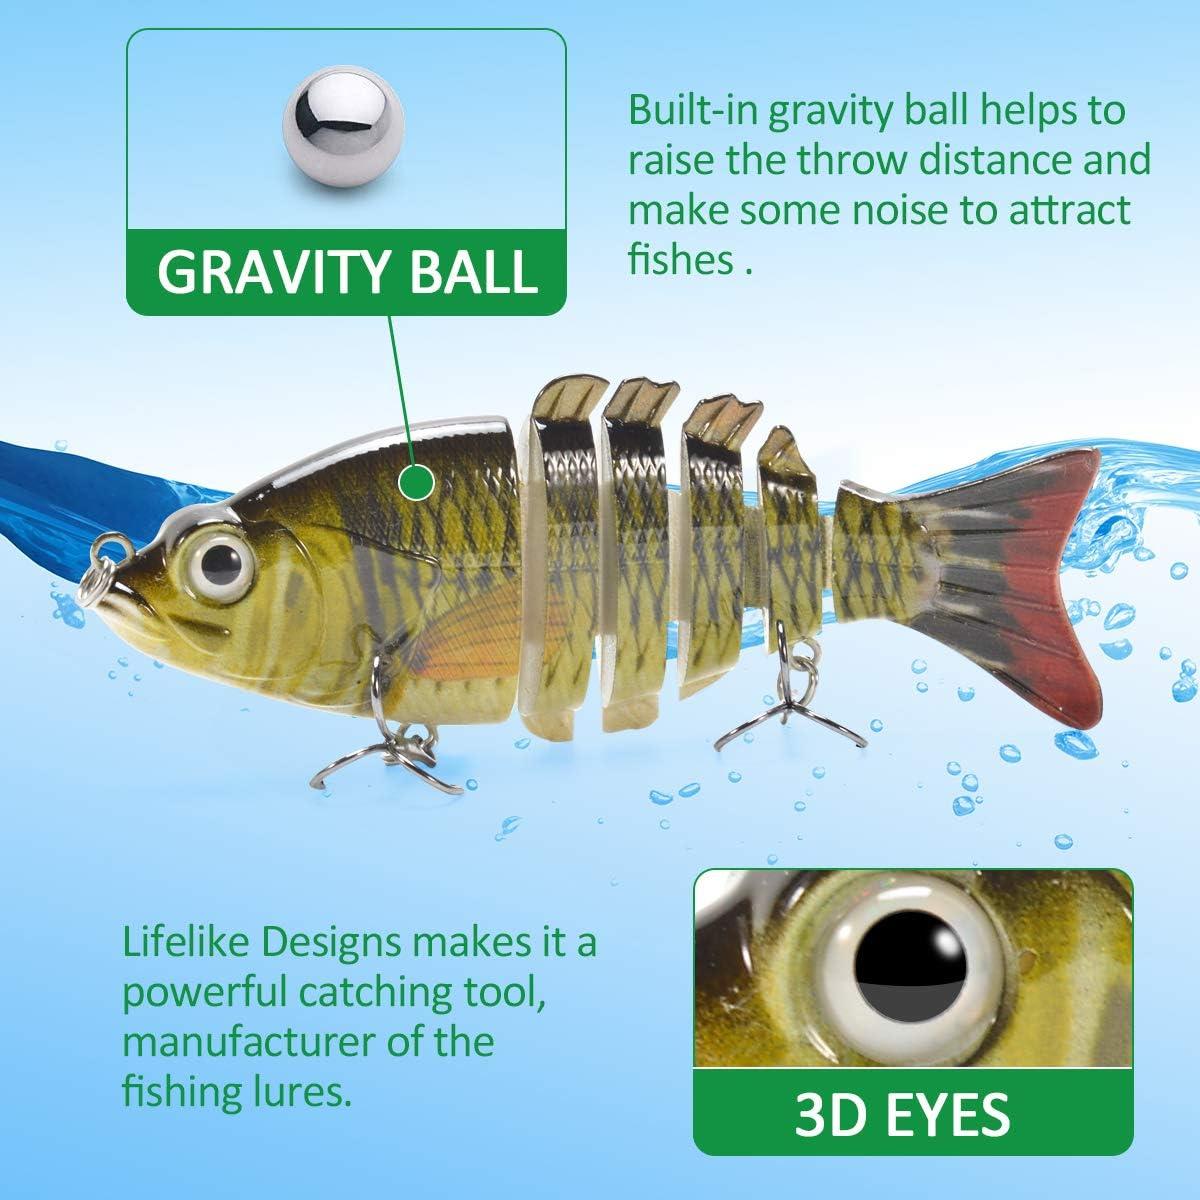 Supertrip 2pcs//4pcs Wobbler Kunstk/öder 6-Segement 3D Lifelike K/öder f/ür Hecht Barsch Zander eingebauter schwerkraftball lockt Fische an